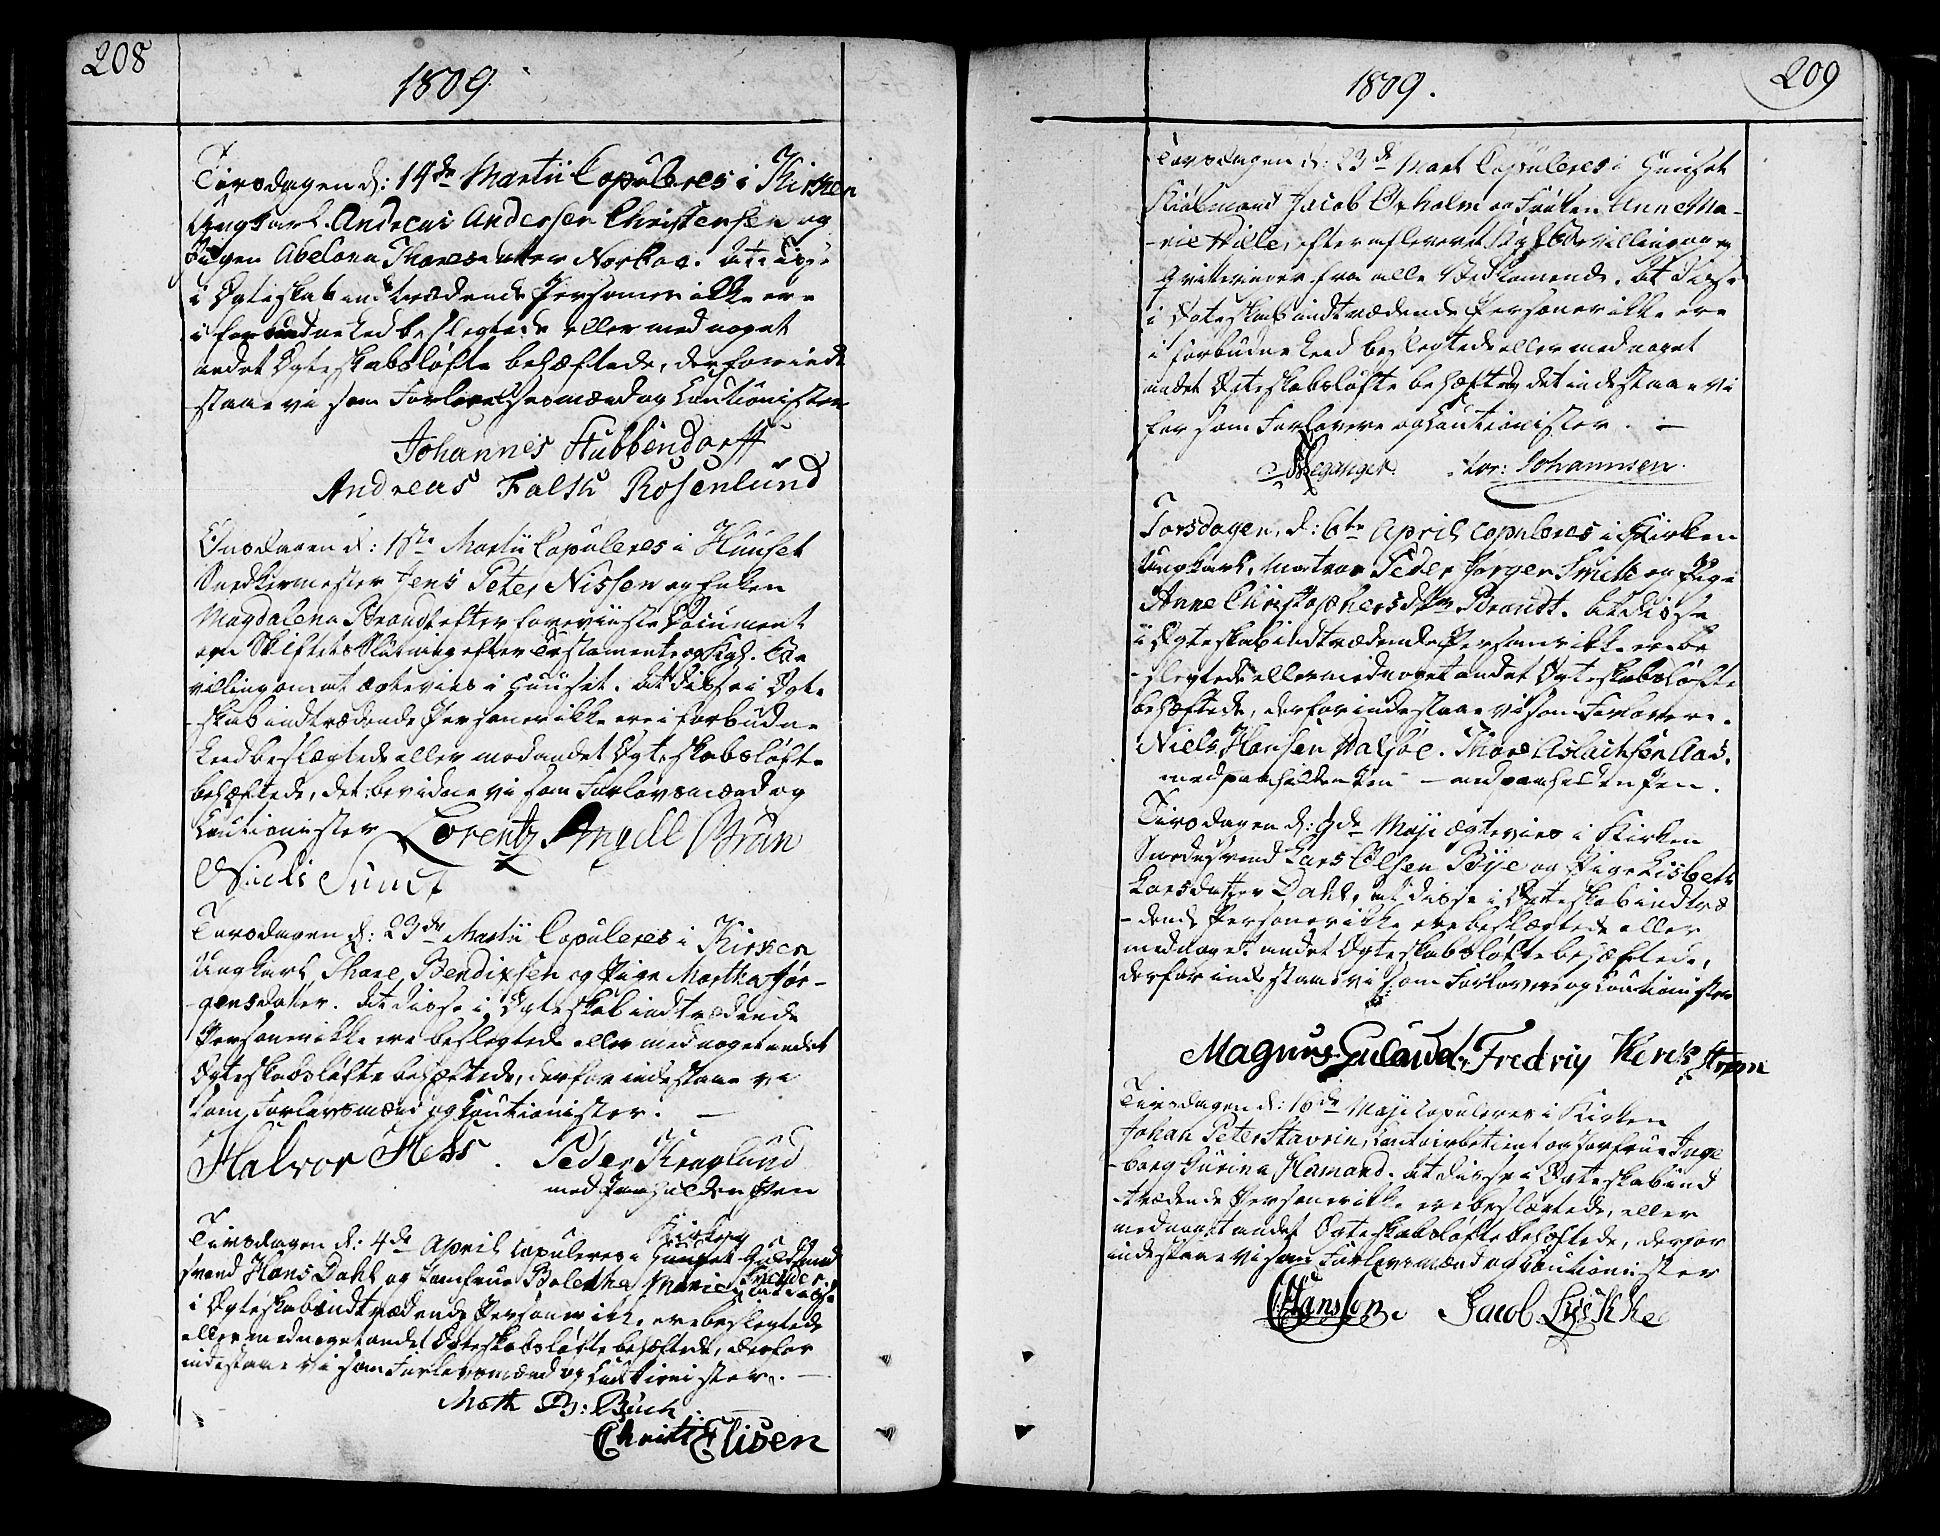 SAT, Ministerialprotokoller, klokkerbøker og fødselsregistre - Sør-Trøndelag, 602/L0105: Ministerialbok nr. 602A03, 1774-1814, s. 208-209